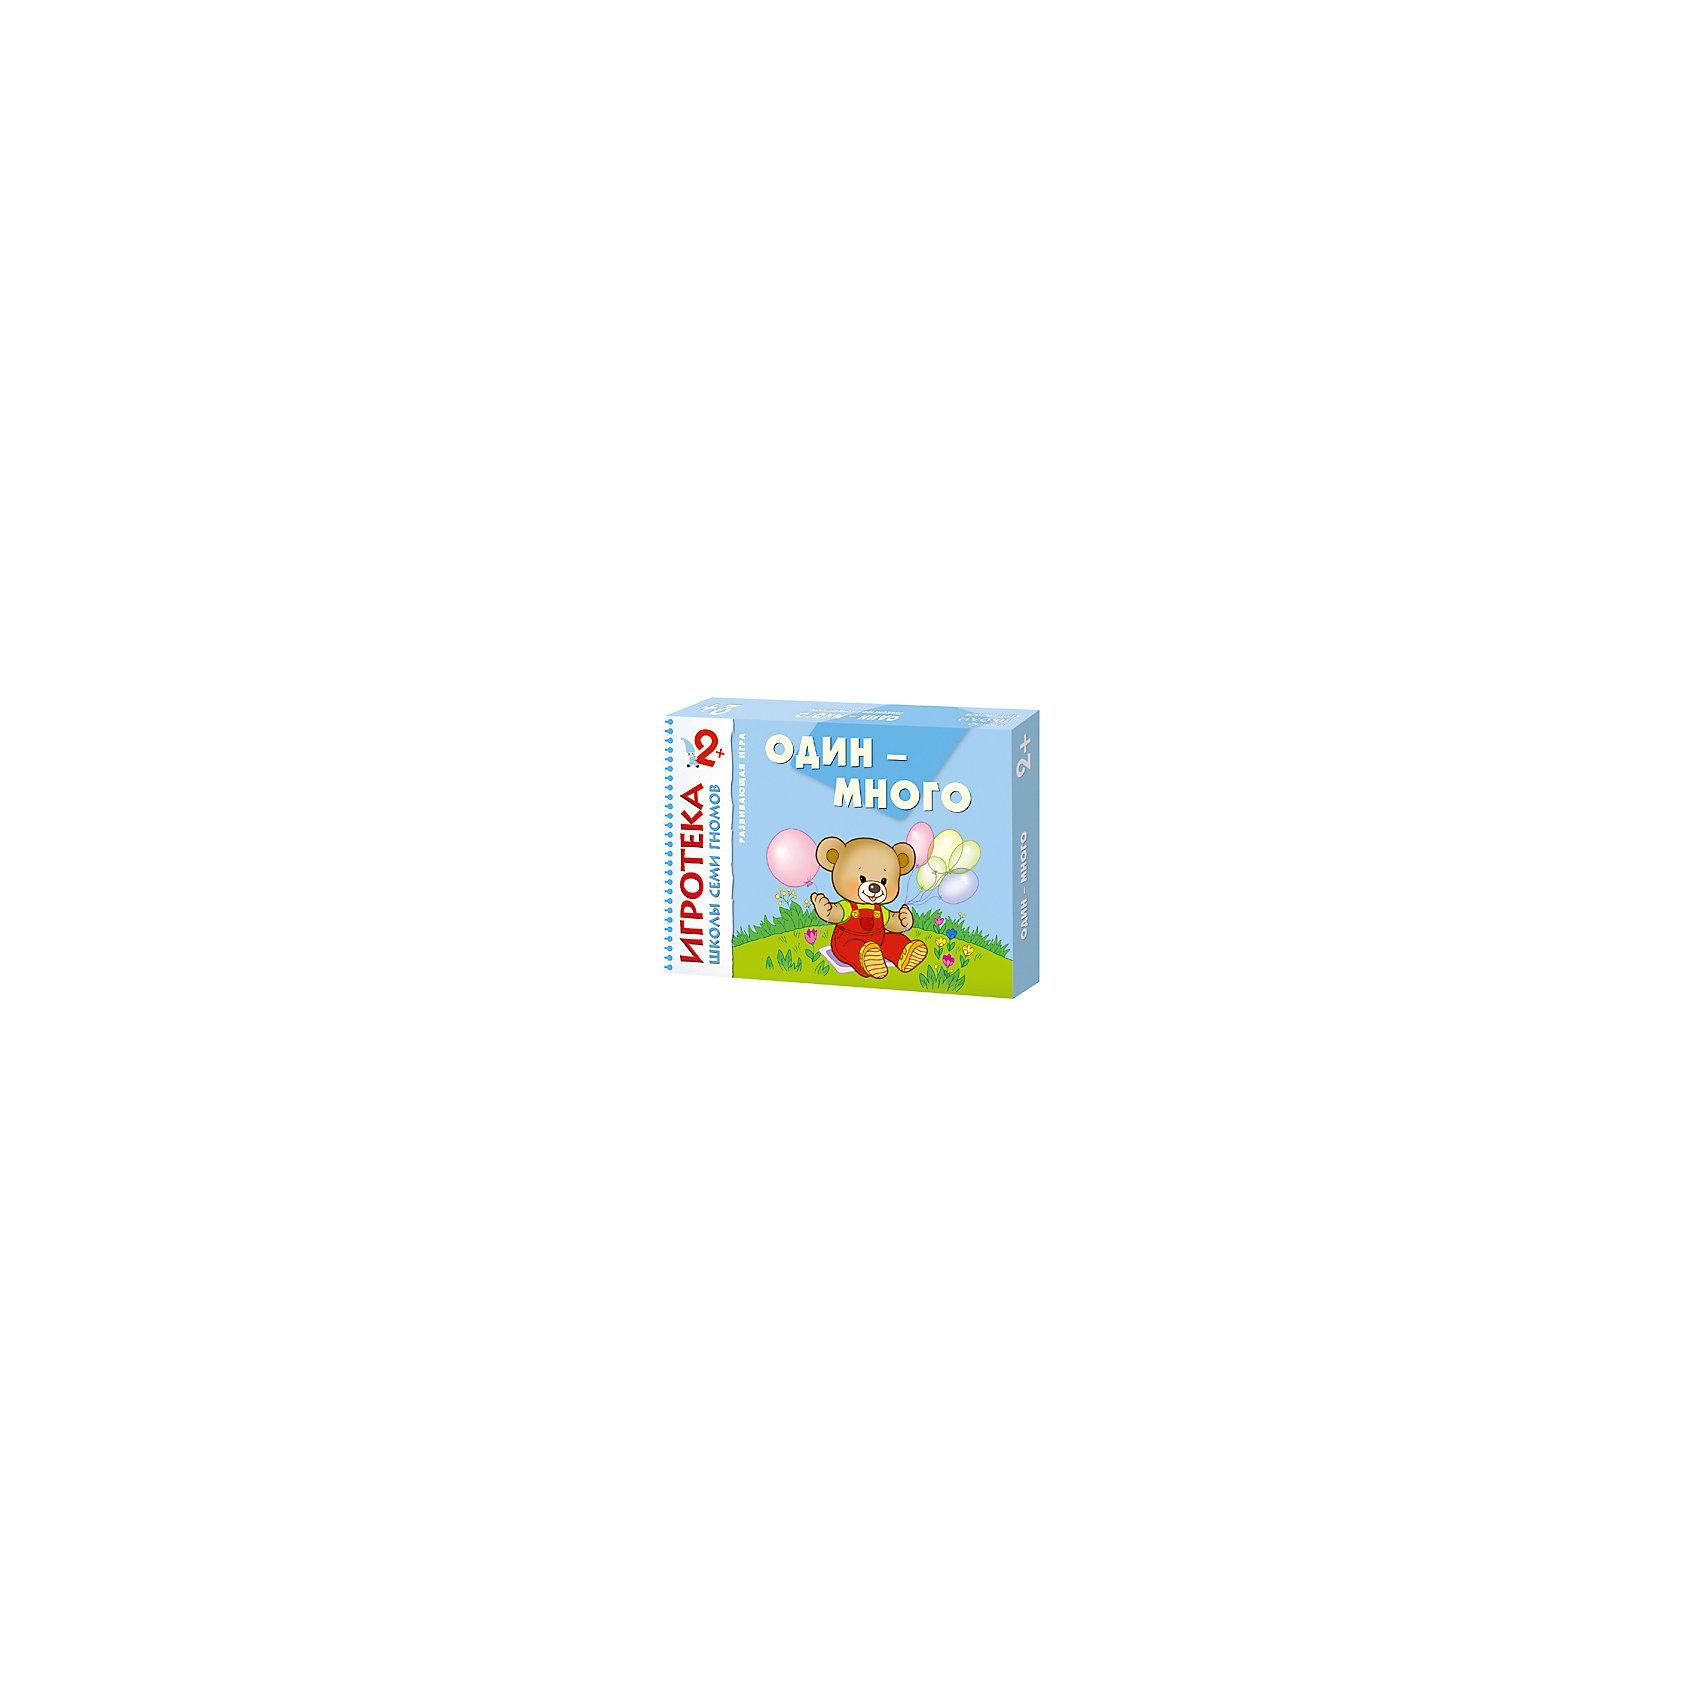 Развивающая игра  Один-много, Школа семи гномовРазвивающие игры<br>Развивающая игра Один-много, Школа семи гномов.<br><br>Характеристики:<br><br>• Издательство: МОЗАИКА-СИНТЕЗ<br>• ISBN: 464-0-00584-023-0<br>• Тип: Развивающие игры<br>• Возраст: 2-3 года.<br>• Размер упаковки: 300х220х35мм.<br>• Вес: 209г.<br>• Состав игры: игровые карточки (12 шт.) маленькие картинки, игровые поля (4 шт.), инструкция.<br><br>Развивающая игра Один – много знакомит малышей от 2 лет с таким значимым признаком предметов, как количество. Подбирая пары карточек, на которых изображены один или несколько предметов, играя с яркими фигурками гномиков, яблок, цветочков и конфет, малыши учатся практическим путем сравнивать количество предметов – один или много.<br><br>Развивающую игру Один-много, Школа семи гномов, можно купить в нашем интернет – магазине.<br><br>Ширина мм: 35<br>Глубина мм: 300<br>Высота мм: 220<br>Вес г: 209<br>Возраст от месяцев: 24<br>Возраст до месяцев: 36<br>Пол: Унисекс<br>Возраст: Детский<br>SKU: 5428880